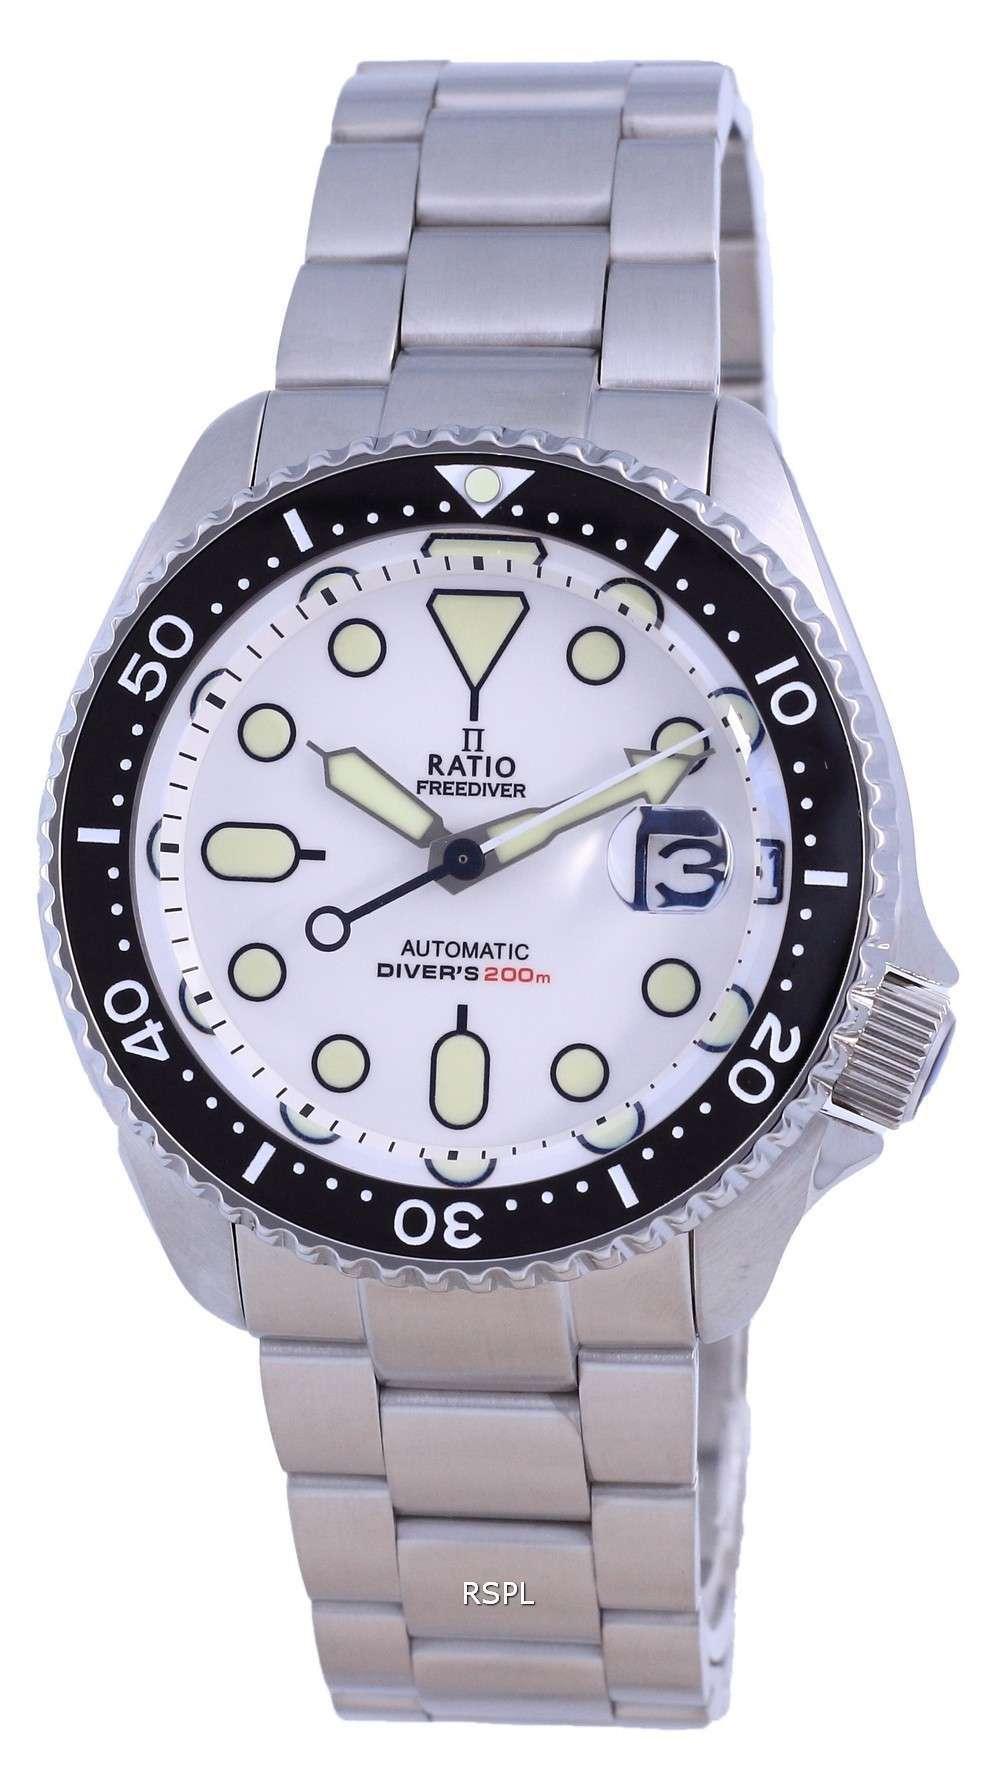 Ratio FreeDiver Dial blanco Acero inoxidable Automático RTB209 200M Reloj para hombre